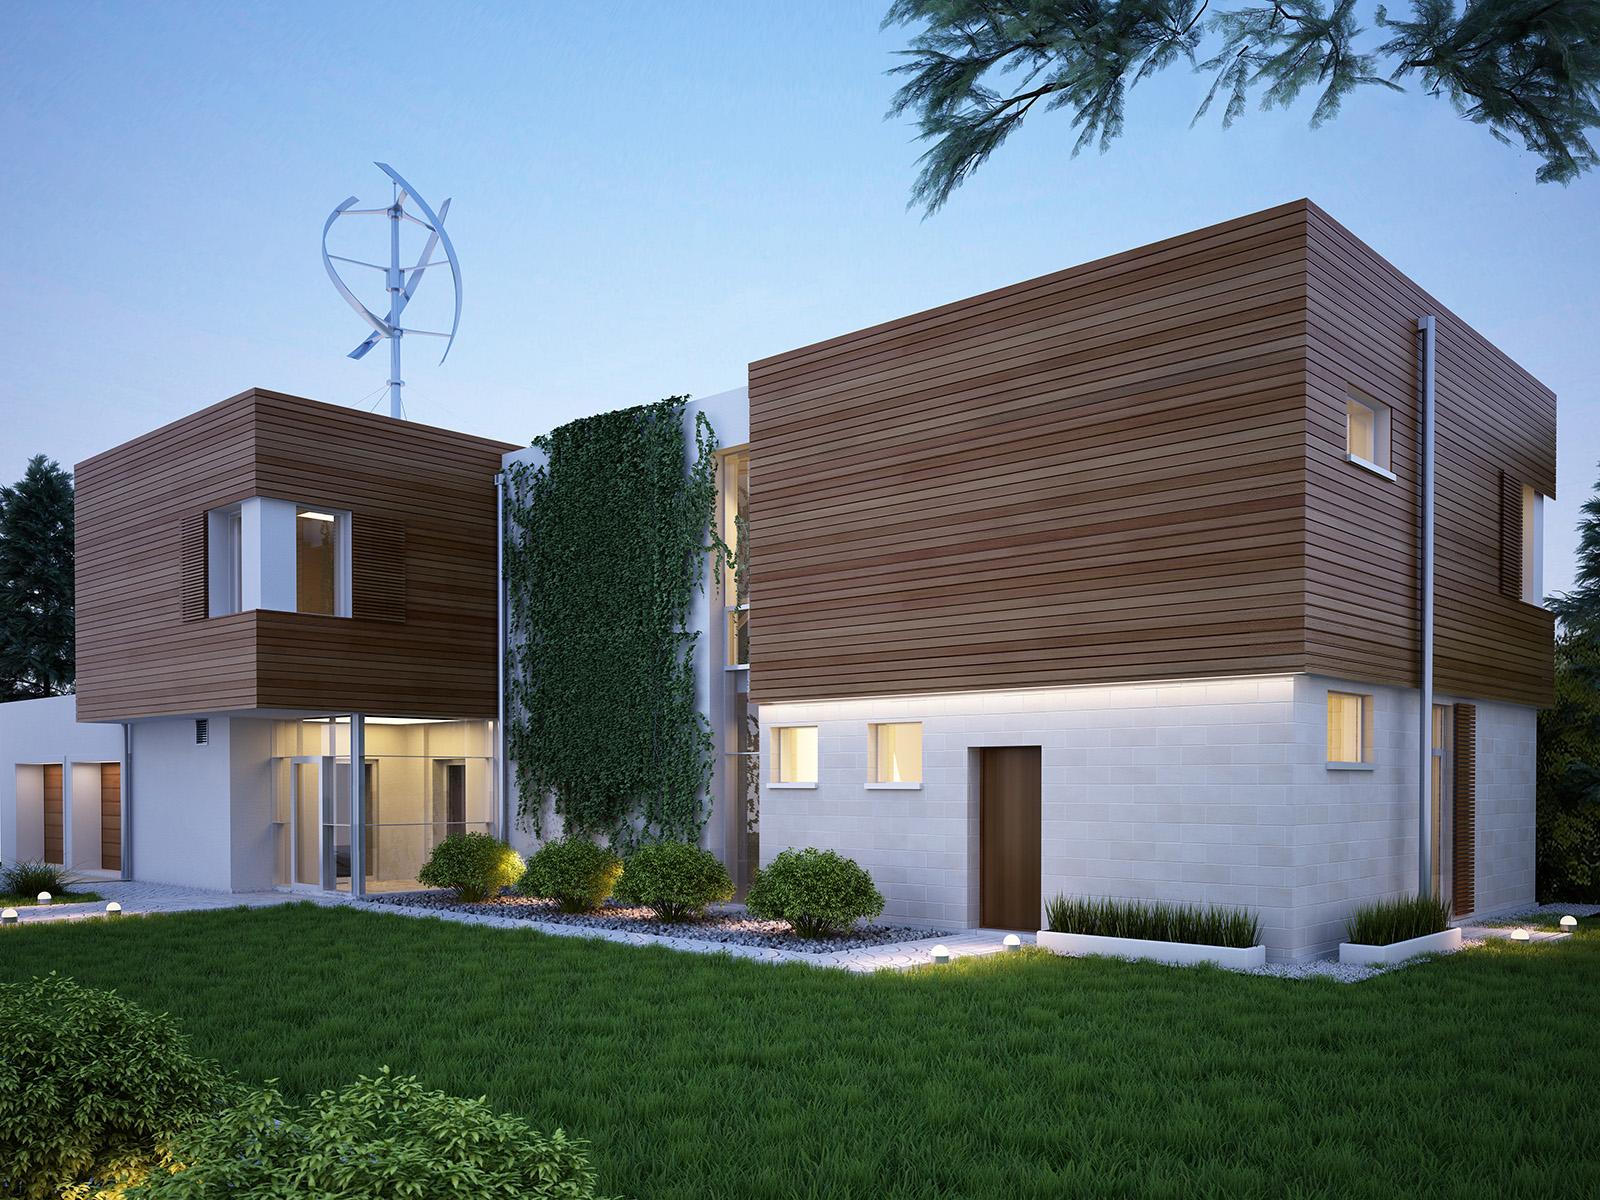 Projekt domu KOMFORTOWY Domy Czystej Energii widok od frontu